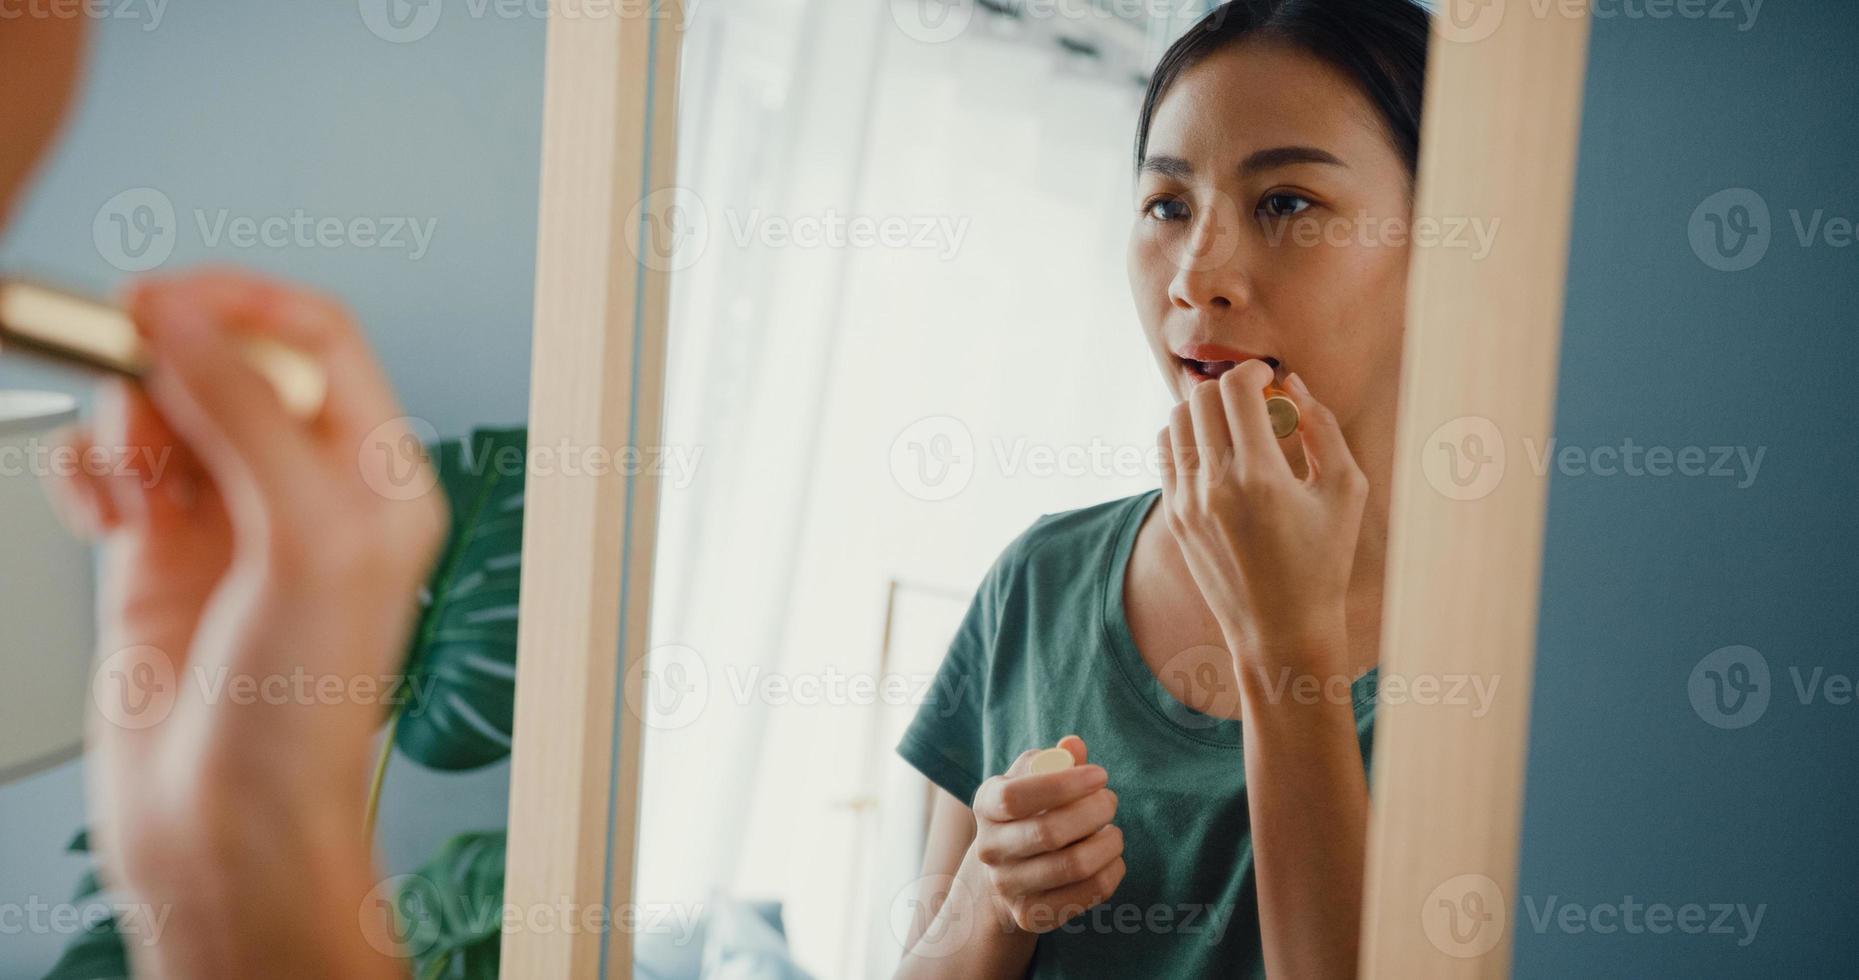 schöne asiatische dame mit lässigem tuch legte morgens vor dem spiegel im schlafzimmer zu hause lippenstift auf ihre lippen, bevor sie nach draußen gehen. lächelnde junge Frau beim Schminken und Betrachten des Spiegels. foto